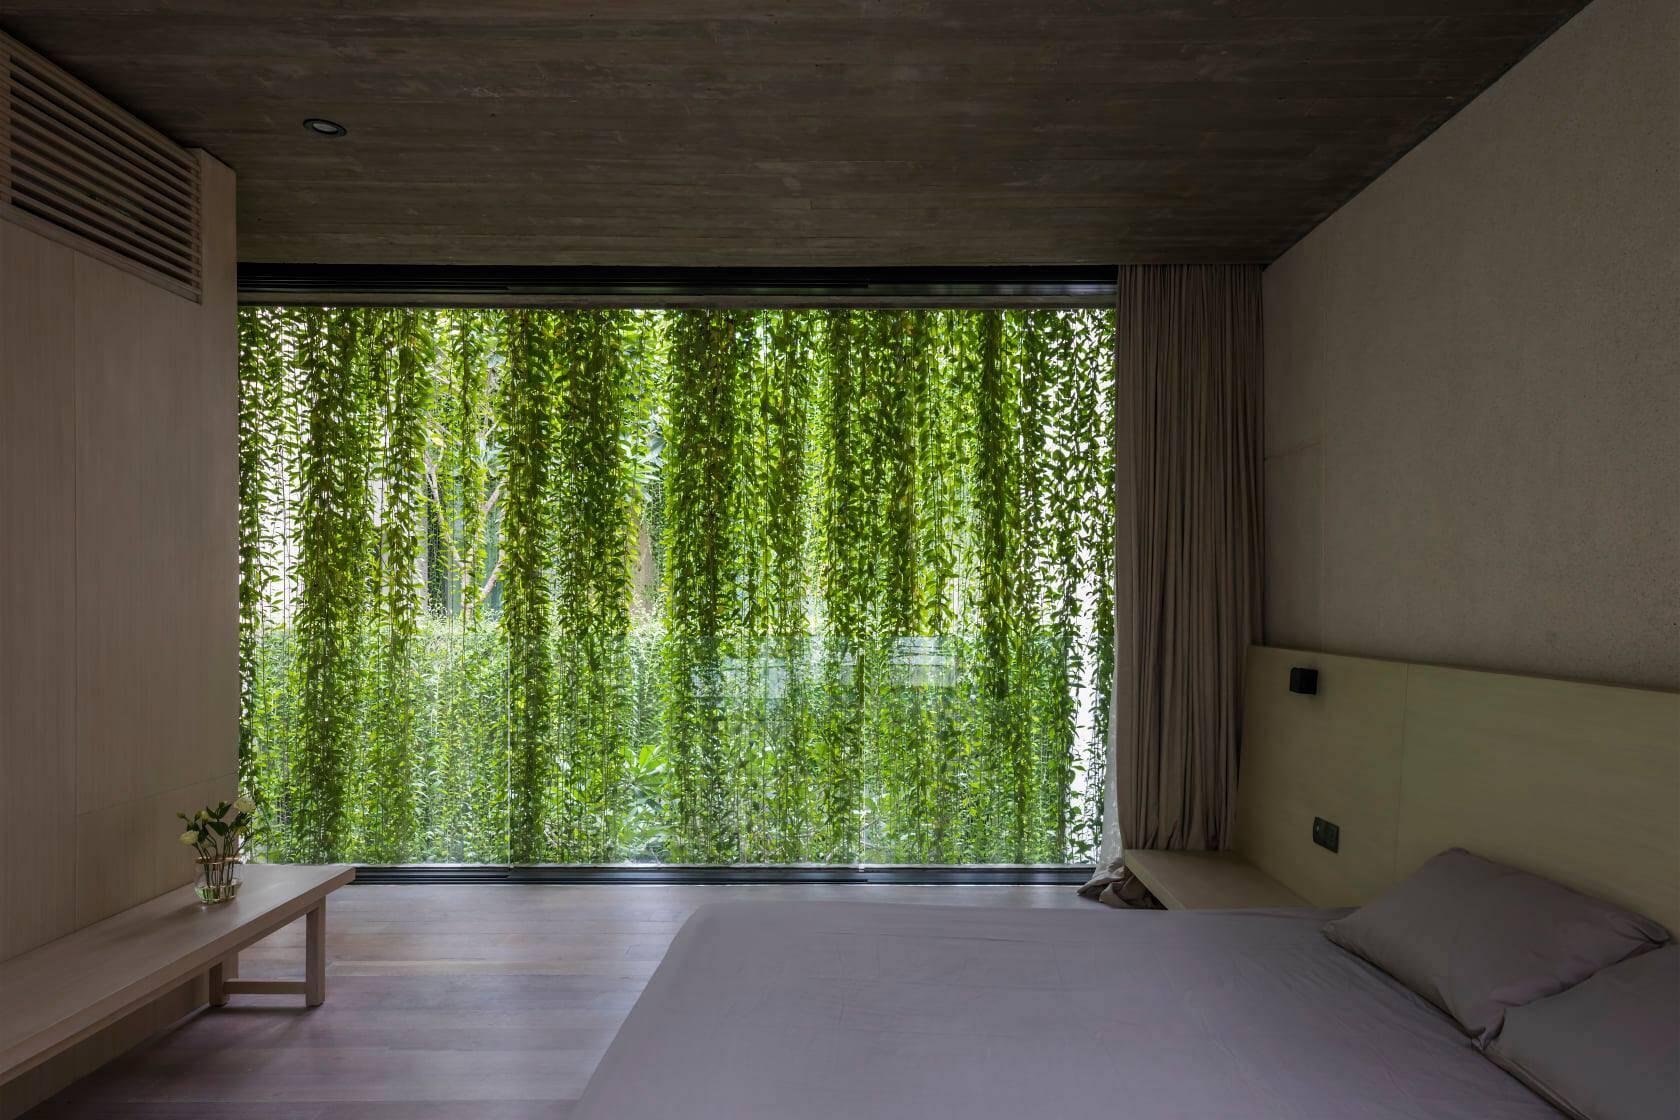 Một phòng ngủ khác có lớp rèm che bằng cây leo gây ấn tượng về thị giác đặc biệt